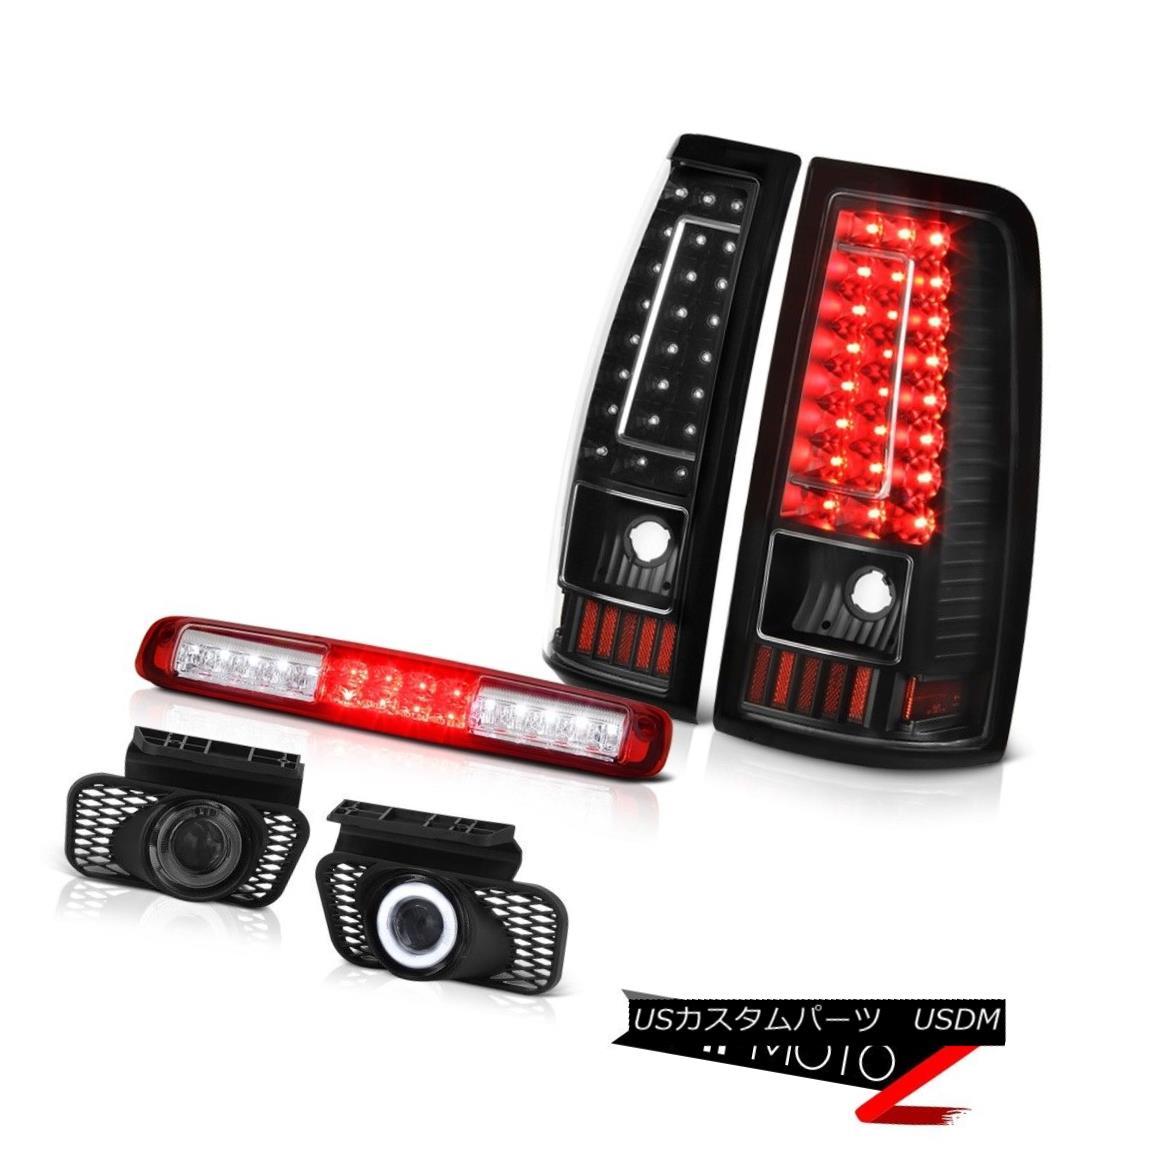 テールライト 2003-2006 Silverado 2500Hd 3RD Brake Lamp Smokey Fog Lights Rear Lights LED SMD 2003-2006シルバラード2500Hd 3RDブレーキランプスモーキーフォグライトリアライトLED SMD